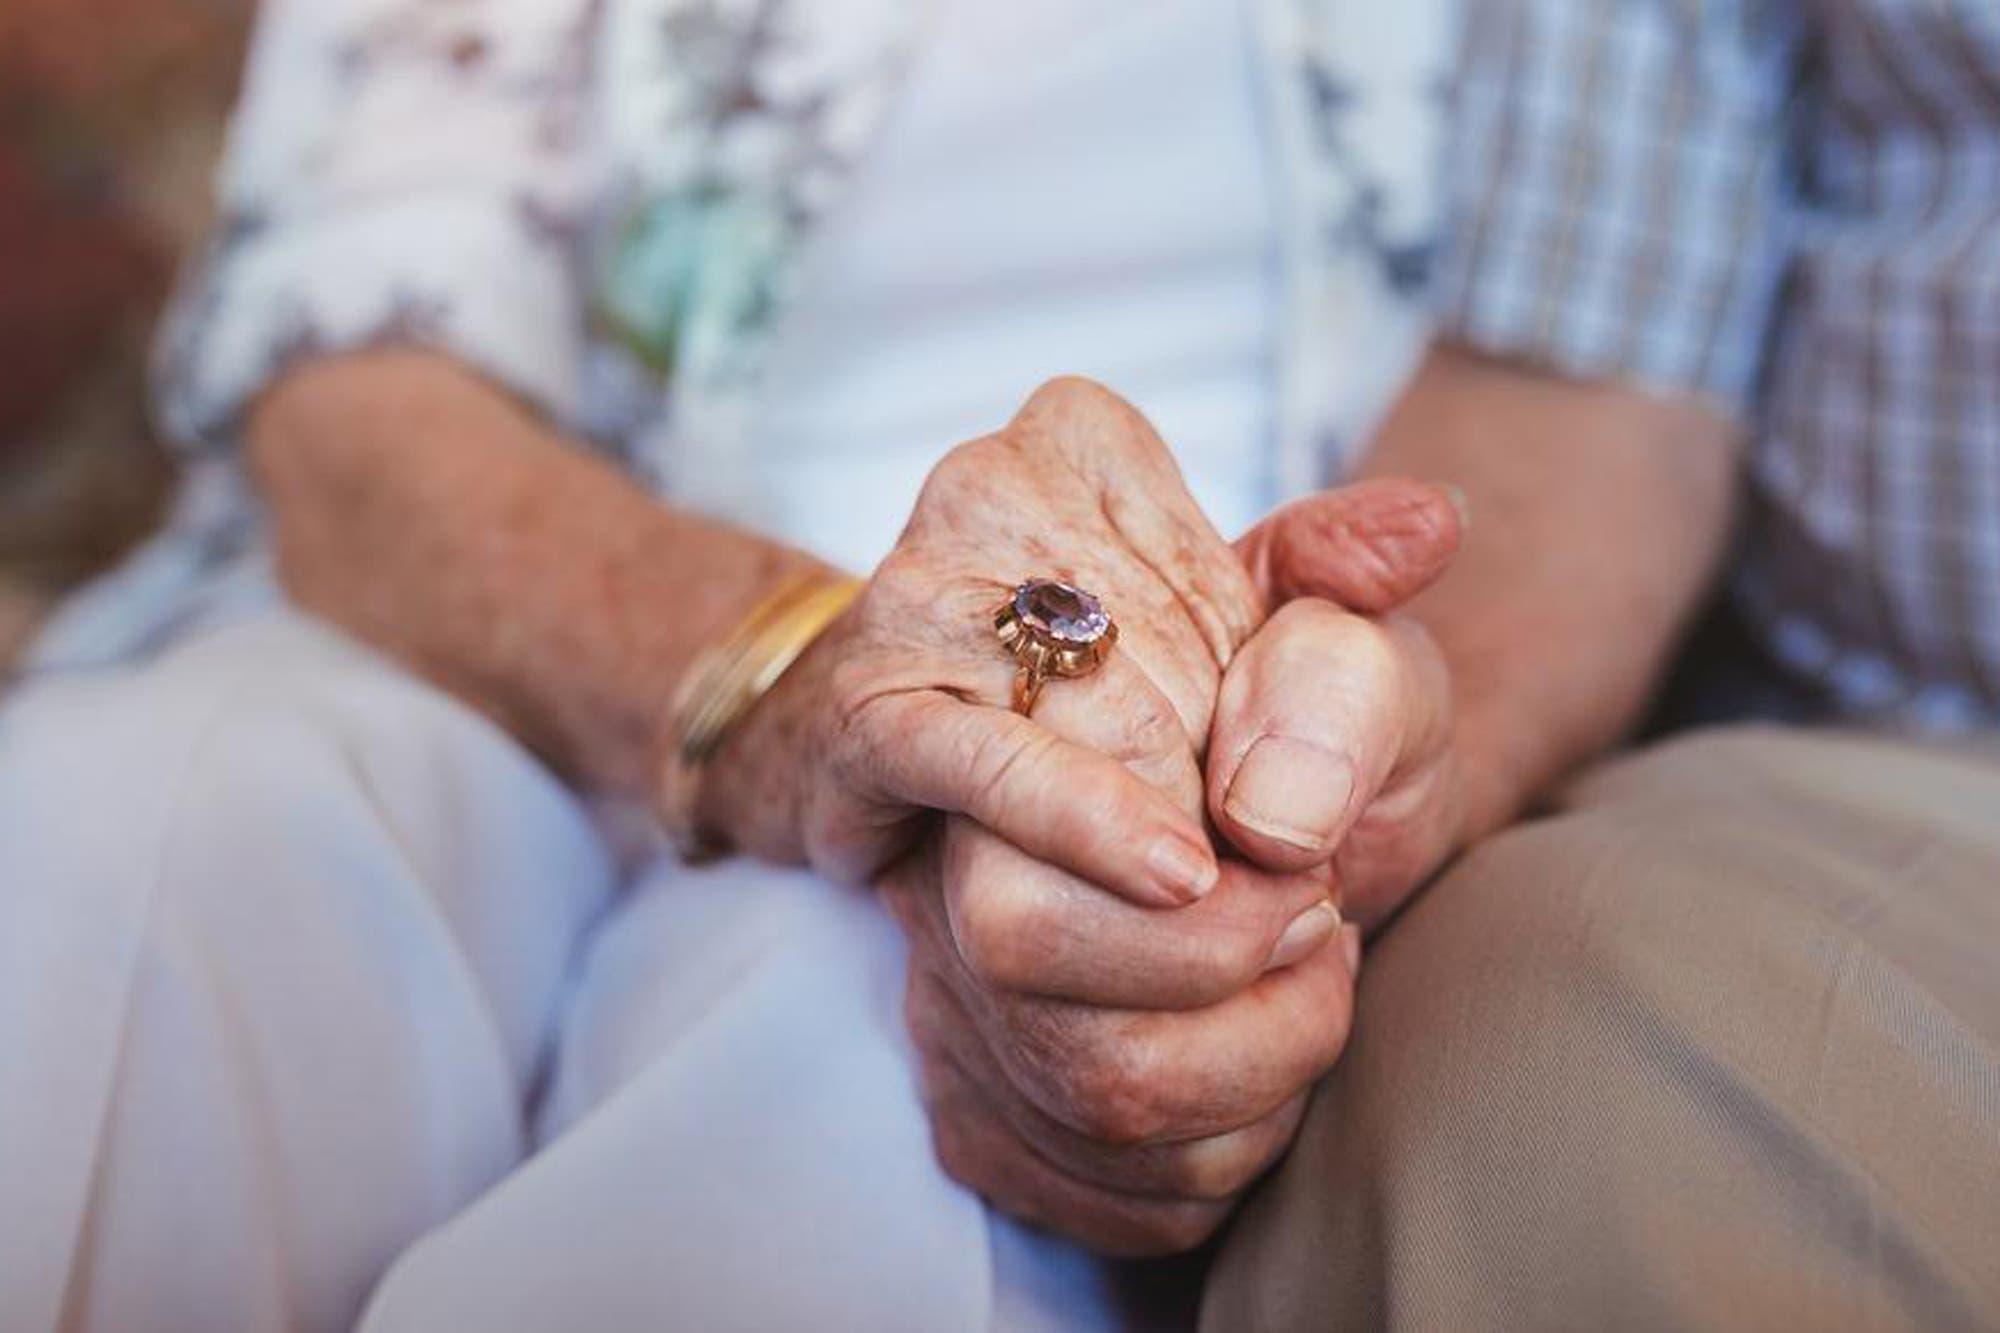 jubilaciones,-pensiones-y-aue-de-anses:-quienes-cobran-el-25-de-febrero